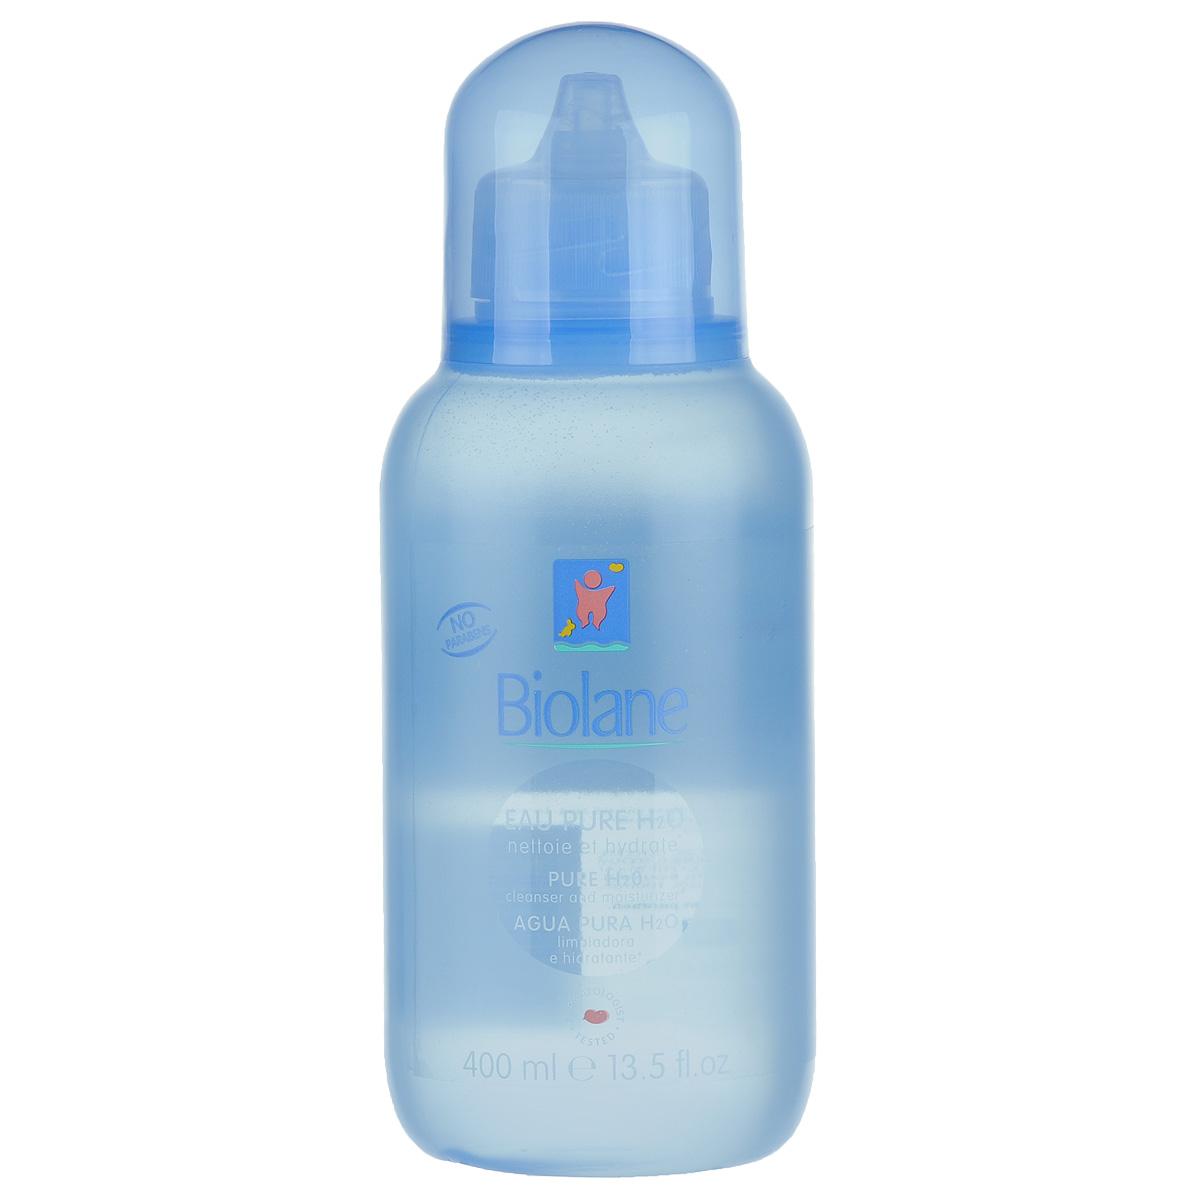 Biolane Детская очищающая жидкость, 400 млBH2OДетская очищающая жидкость Biolane с pH-сбалансированной формулой эффективно очищает лицо, тело и области под подгузником малыша. Идеальна для применения на всех чувствительных областях кожи младенца. Не требует смывания, что позволяет избежать контакта с водой и уберечь кожу крохи от высушивающего действия обычной воды. Поддерживает естественный баланс кожи ребенка.Уникальный комплекс биологически активных веществ на основе масла зародышей пшеницы Hydra-Bleine способствует увлажнению кожи и питает ее. Кожа ребенка остается свежей, мягкой, с легким приятным ароматом.Товар сертифицирован.